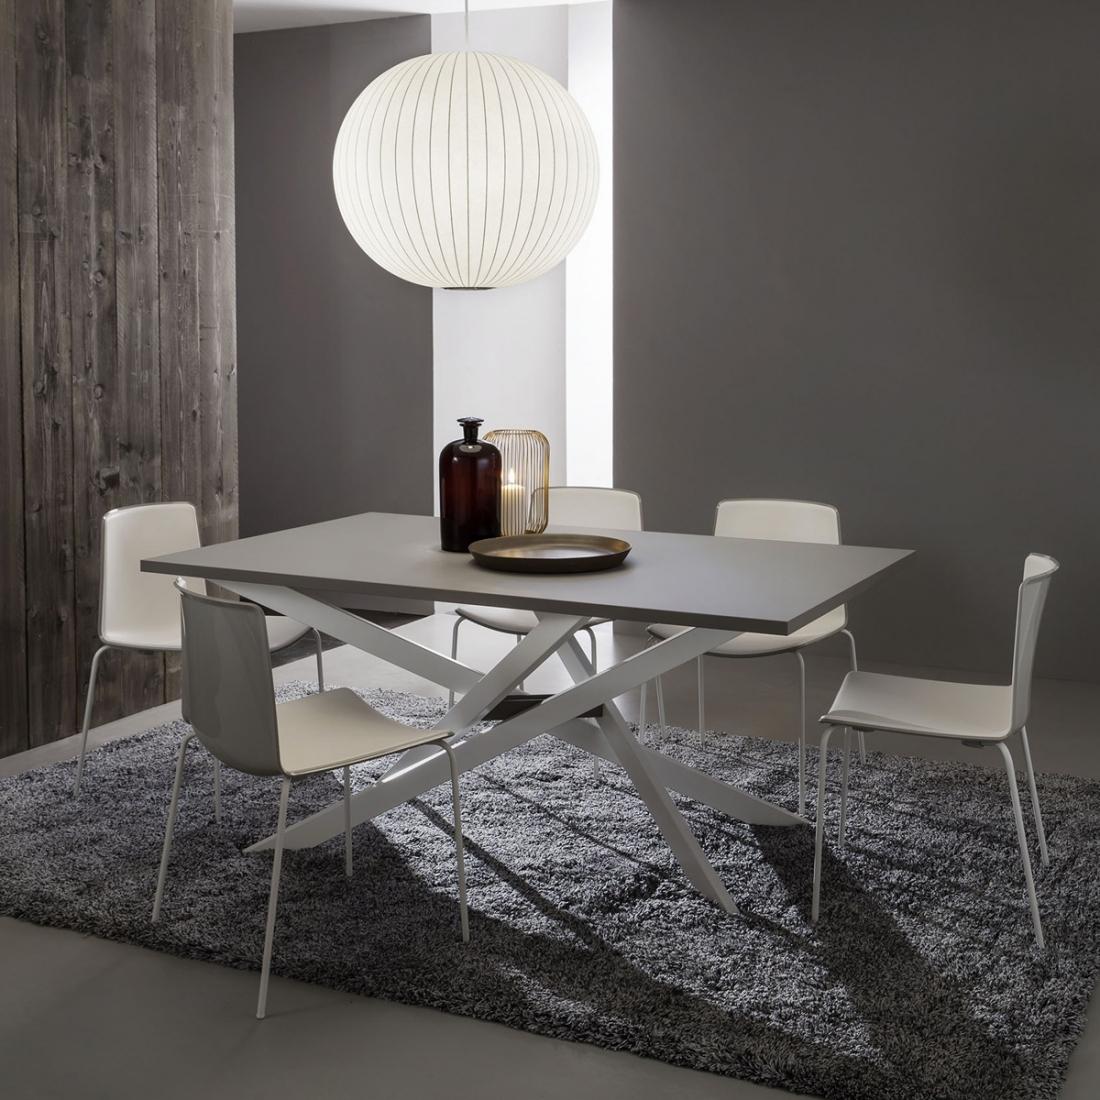 Table Salle A Manger Extensible Renzo - Zendart Design encequiconcerne Decor De Salle À Manger